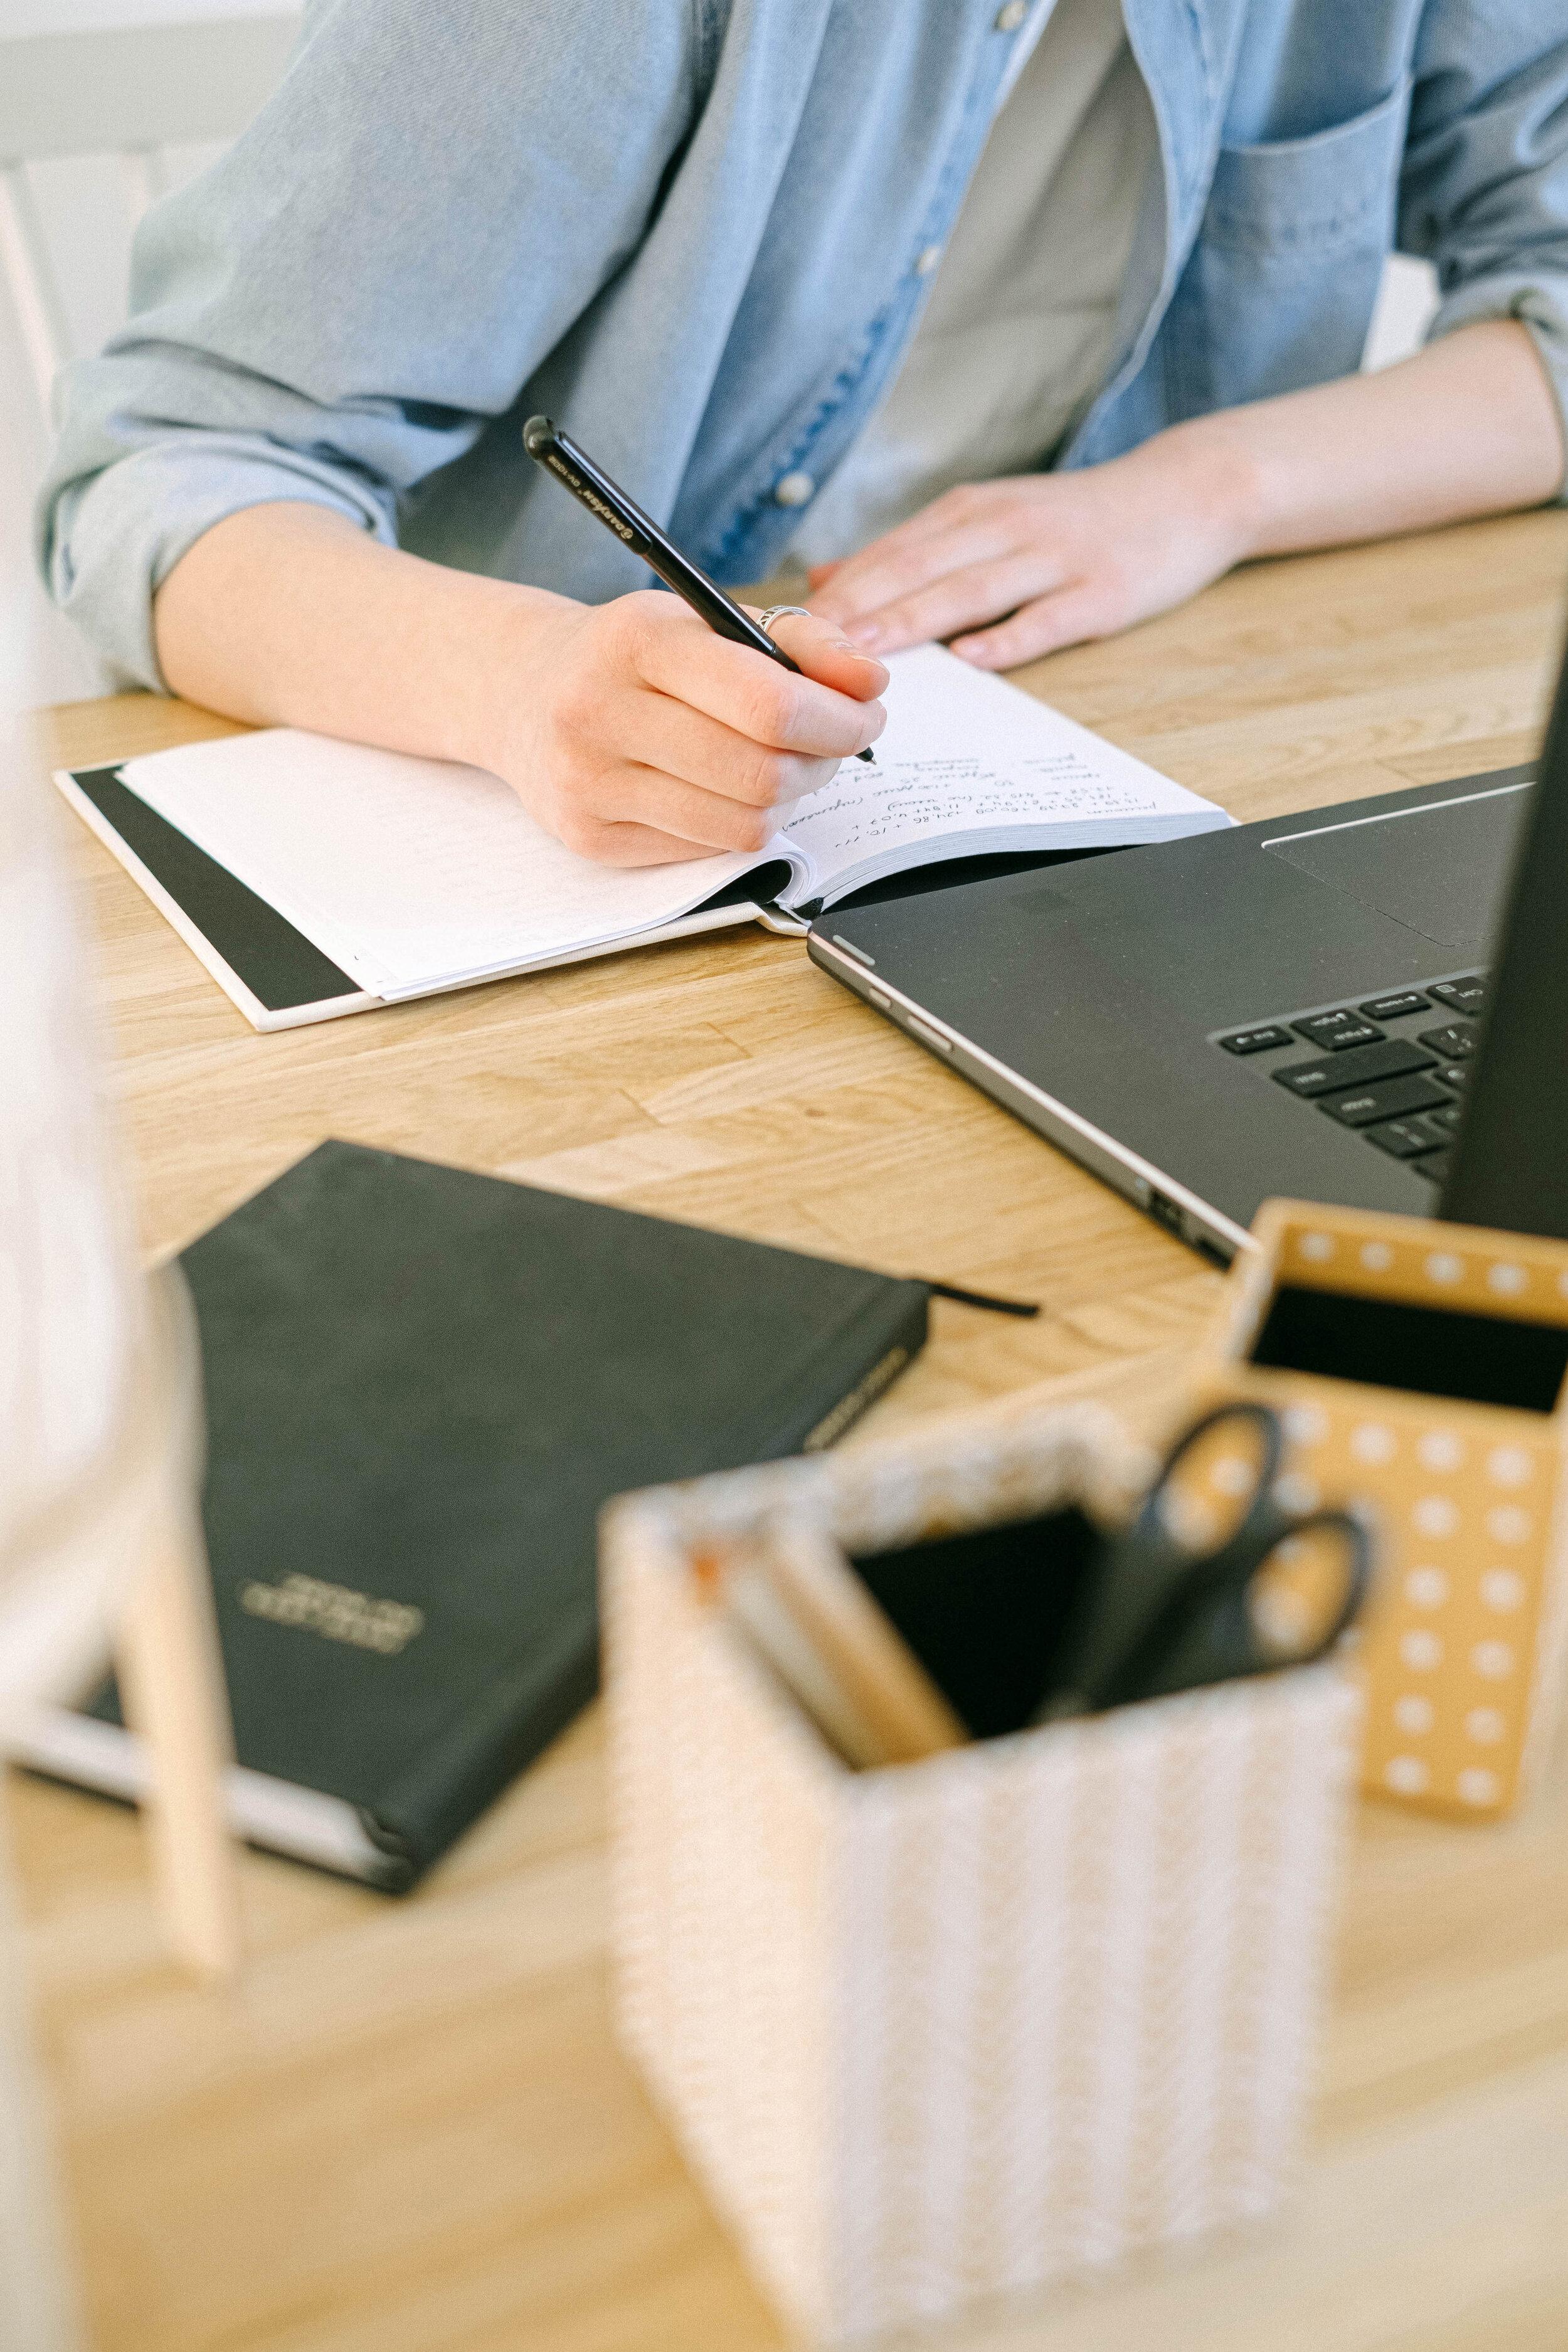 STEG 9: Personligt stöd med ditt jobbsökande — editbrunner